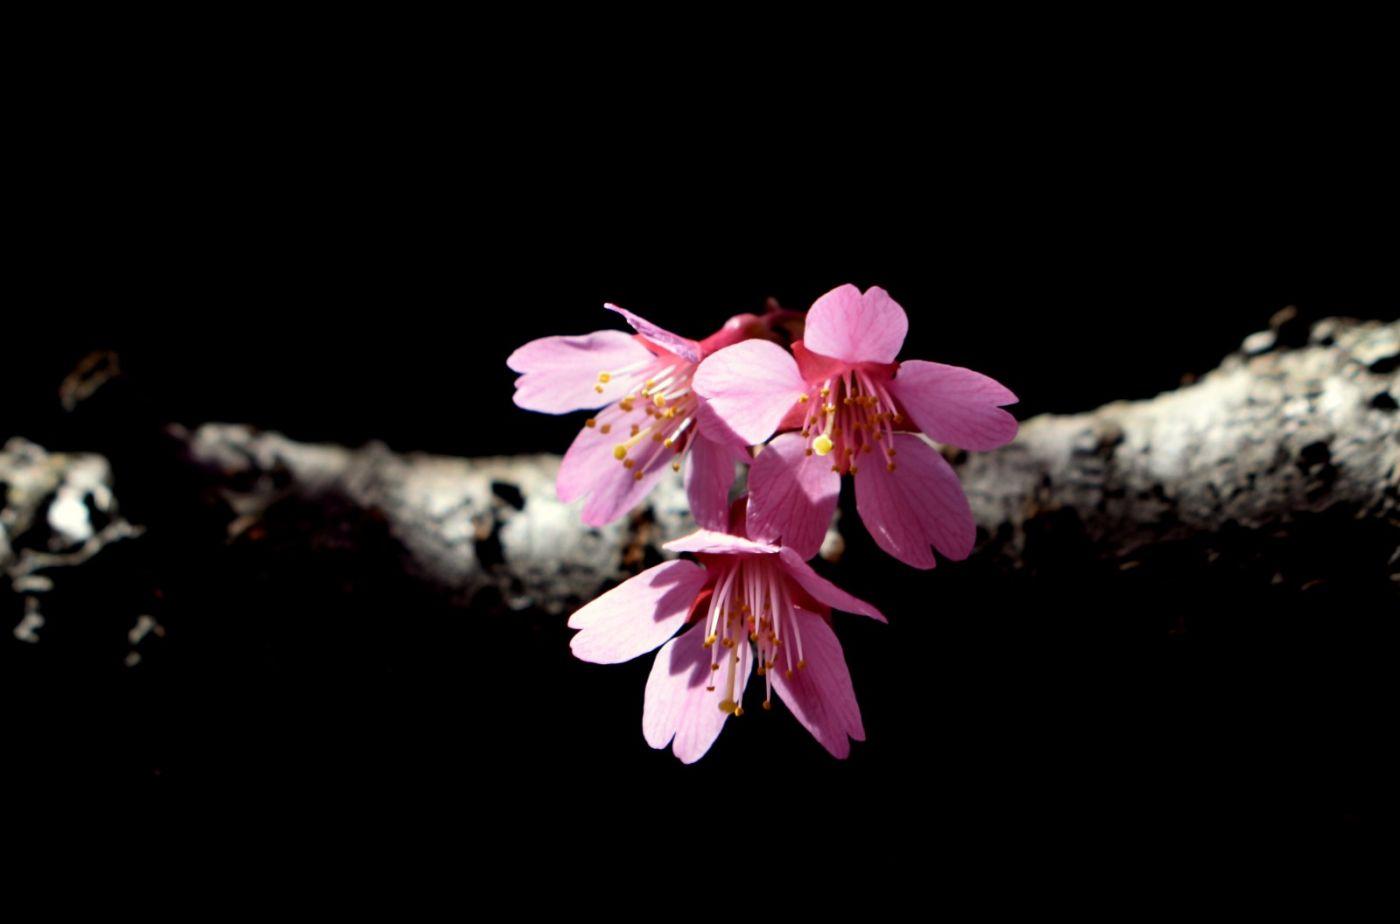 法拉盛可乐娜公园樱花盛开_图1-13